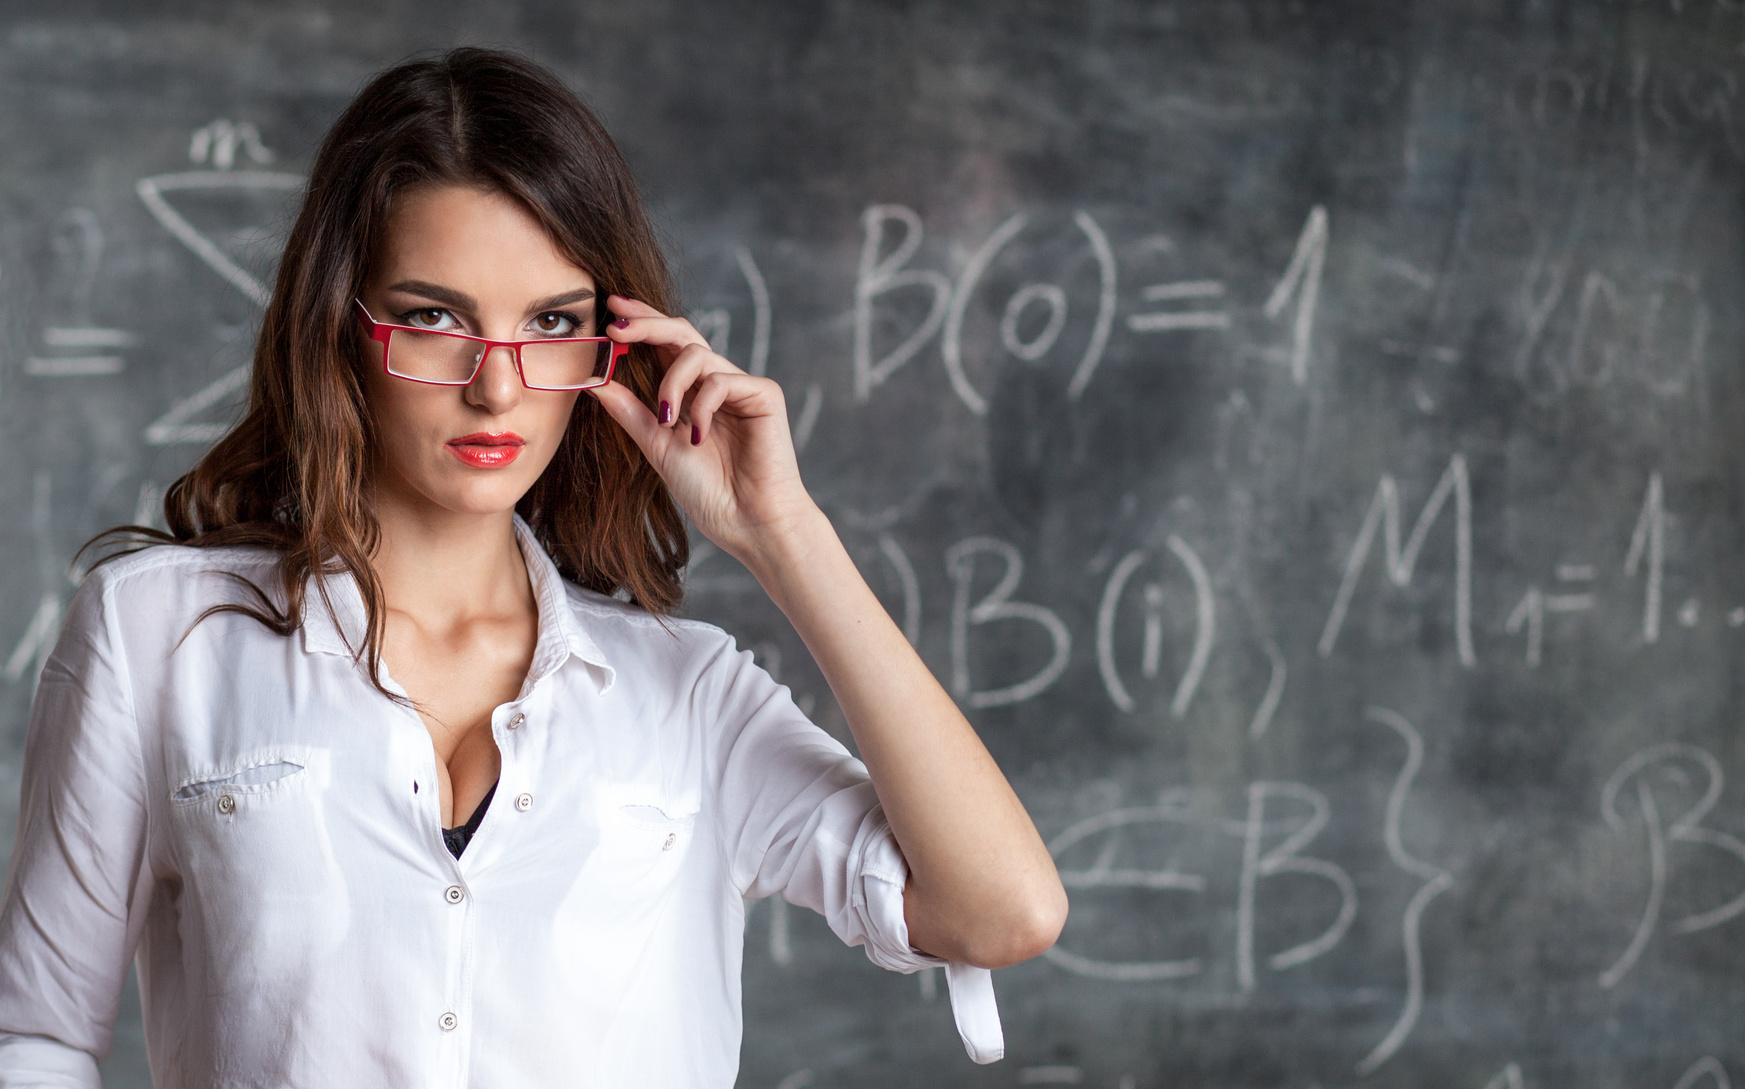 Schule Mädchen verführt Lehrer